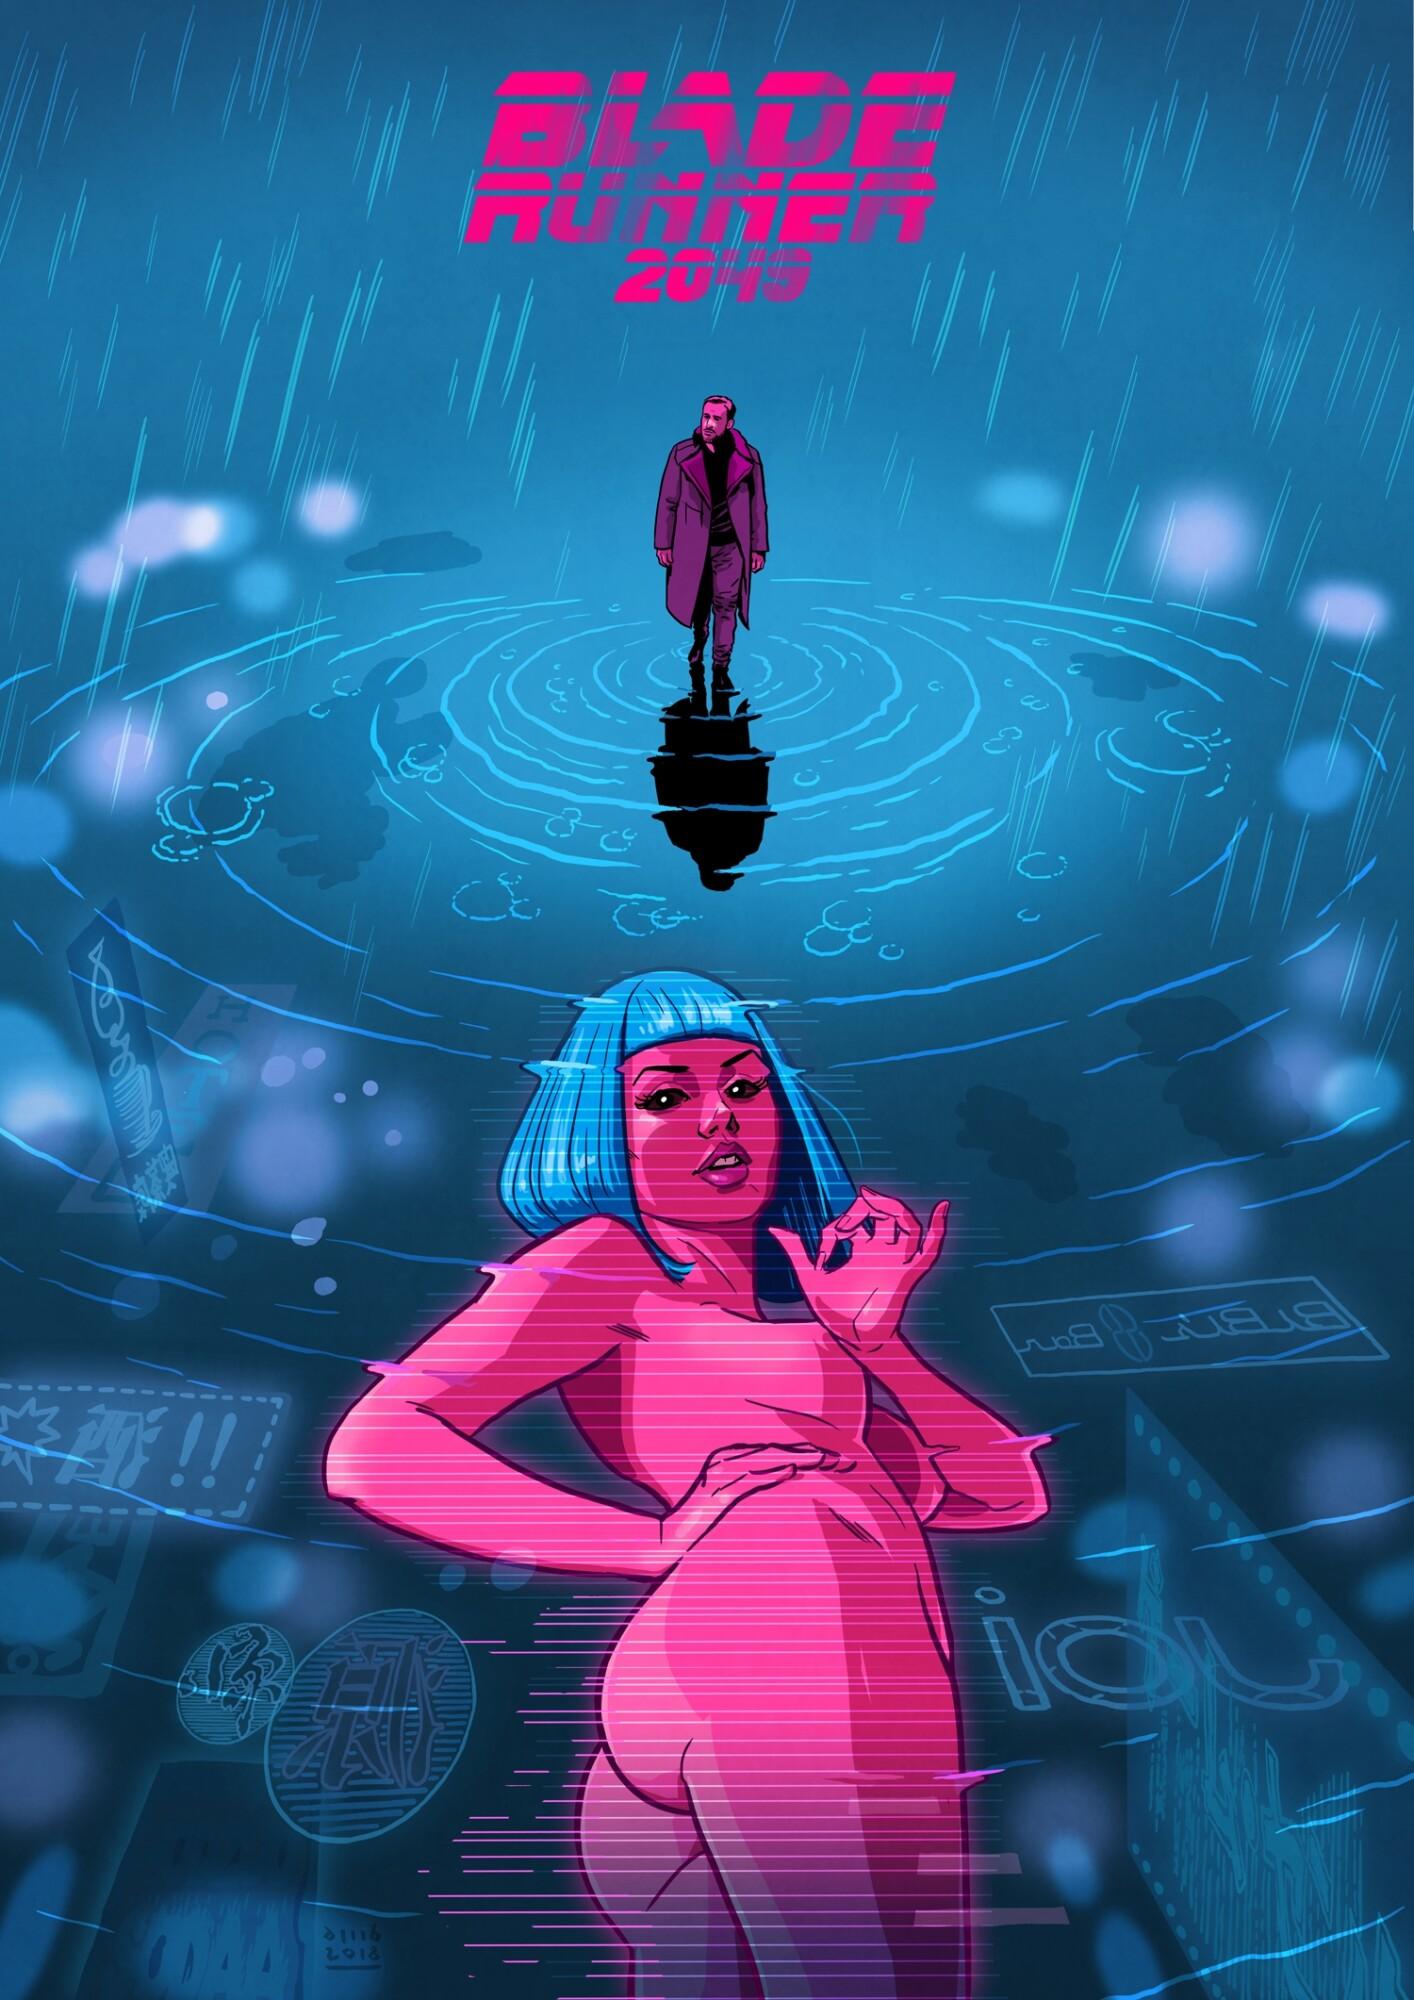 Blade Runner 2049 Hologram Girl Wallpaper Blade Runner 2049 Posterspy